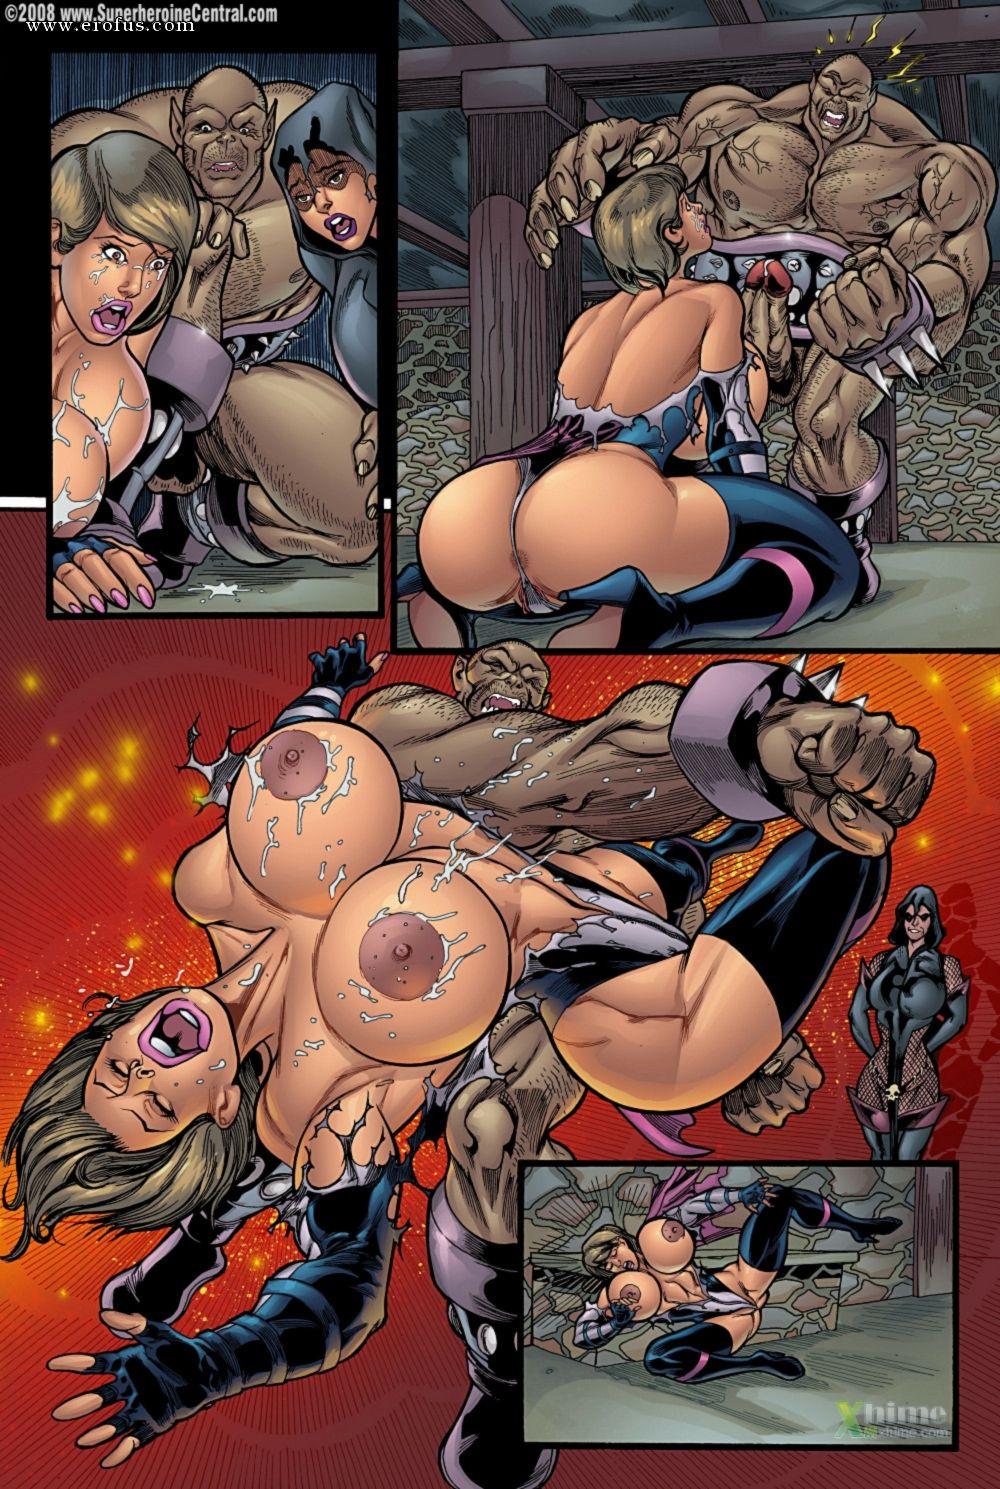 Superheroines Enslaved